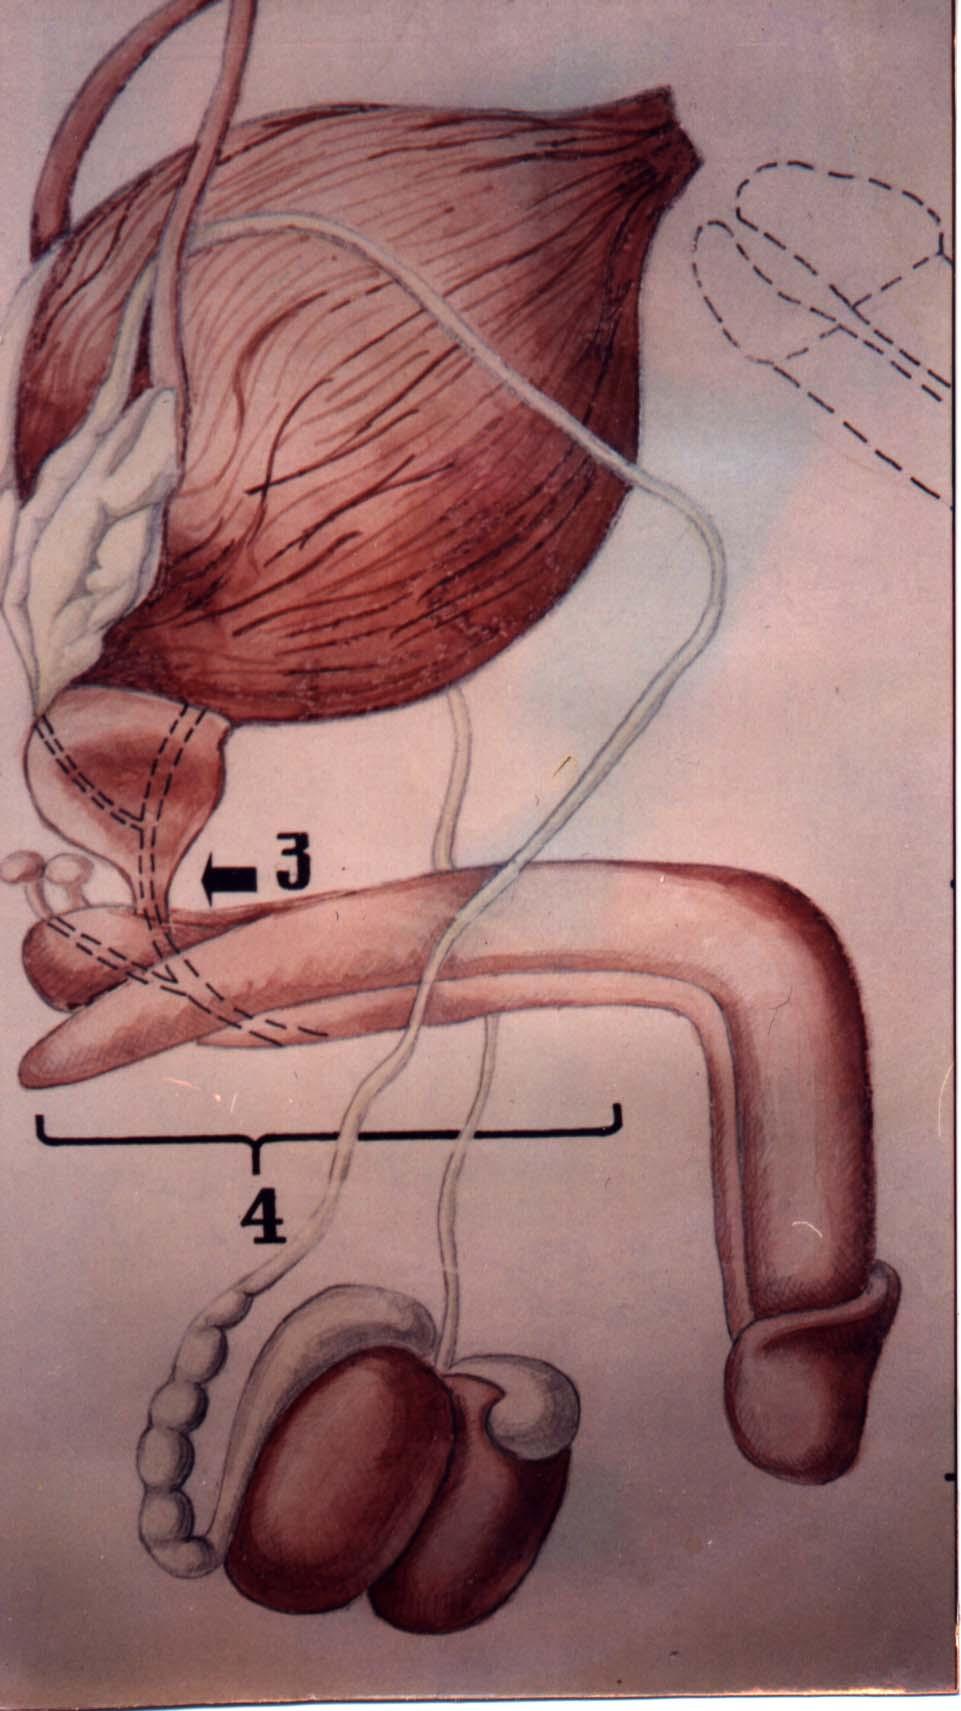 Расположение женского полового органа фото 4 фотография